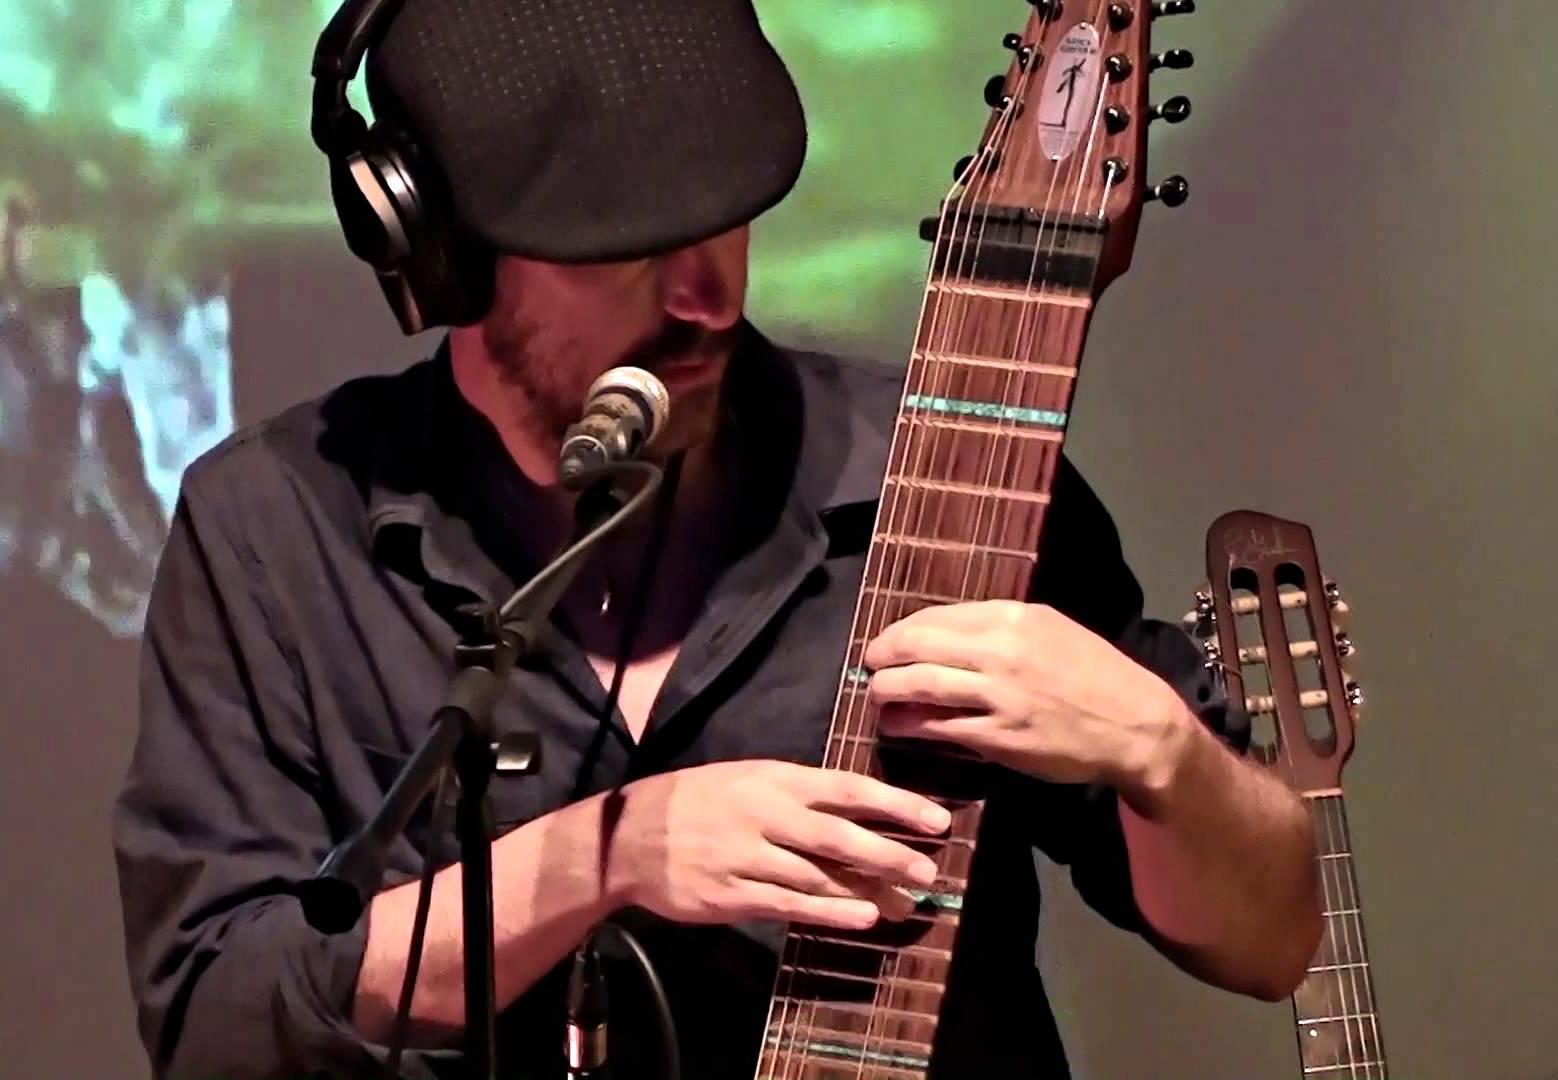 """Jero Castellá - Es un músico multiinstrumentista, productor musical, técnico de sonido y profesor de guitarra nacido en Tiana (Barcelona). Sus influencias son muy diversas, experimentado con diferentes estilos modernos rock, blues, funk, pop, jazz, new age….En sus inicios en la adolescencia empezó tocando la guitarra eléctrica estilo pop-rock, actuando solo y acompañando a cantautores. Posteriormente combinó sus estudios de imagen y sonido con los de música moderna en EMMB (Badalona). En 2002 crea su estudio de grabación Jerosound en el que graba, colabora como productor y músico de sesión y hace de técnico de sonido en actuaciones en directo del panorama musical. En 2005 termina la titulación profesional de guitarra clásica con Marcos Villanueva en el Conservatorio del Bruc de Barcelona. Ha estudiado diferentes estilos vocales, con profesores como Esteve Genís, Carles Comalada y Thomas Clements, quien le acercó a la música de otras culturas y en especial al canto tradicional de la India. Su carrera como compositor empezó con las bandas sonoras de películas. La primera """"Contrareloj"""" de Dani Vela fue premiada en el festival de Girona (1996). También hizo varias sintonías para teatro y Tv, colaborando con Marduix en """"Impressions"""" (2006) y Comediants en """"Numeralia"""" (2008). Trabajó como compositor y montador musical de Tv en Vía Digital y Canal Plus. Además de su pasión por la guitarra se enamoró de un instrumento innovador y singular llamado Chapman Stick, gracias a sus 12 cuerdas y la técnica tapping le ha permitido profundizar en nuevas búsquedas de sonoridades propias. En 2004 crea su primera banda de rock progresivo Y3 junto a Antonio del Río a los teclados y Xevi Noè a la batería. En 2007 junto con el batería Juan Perusin creó Barnatic, un dúo pop-rock en el que fusionaron sus dotes polinstrumentistas grabando el Cd"""